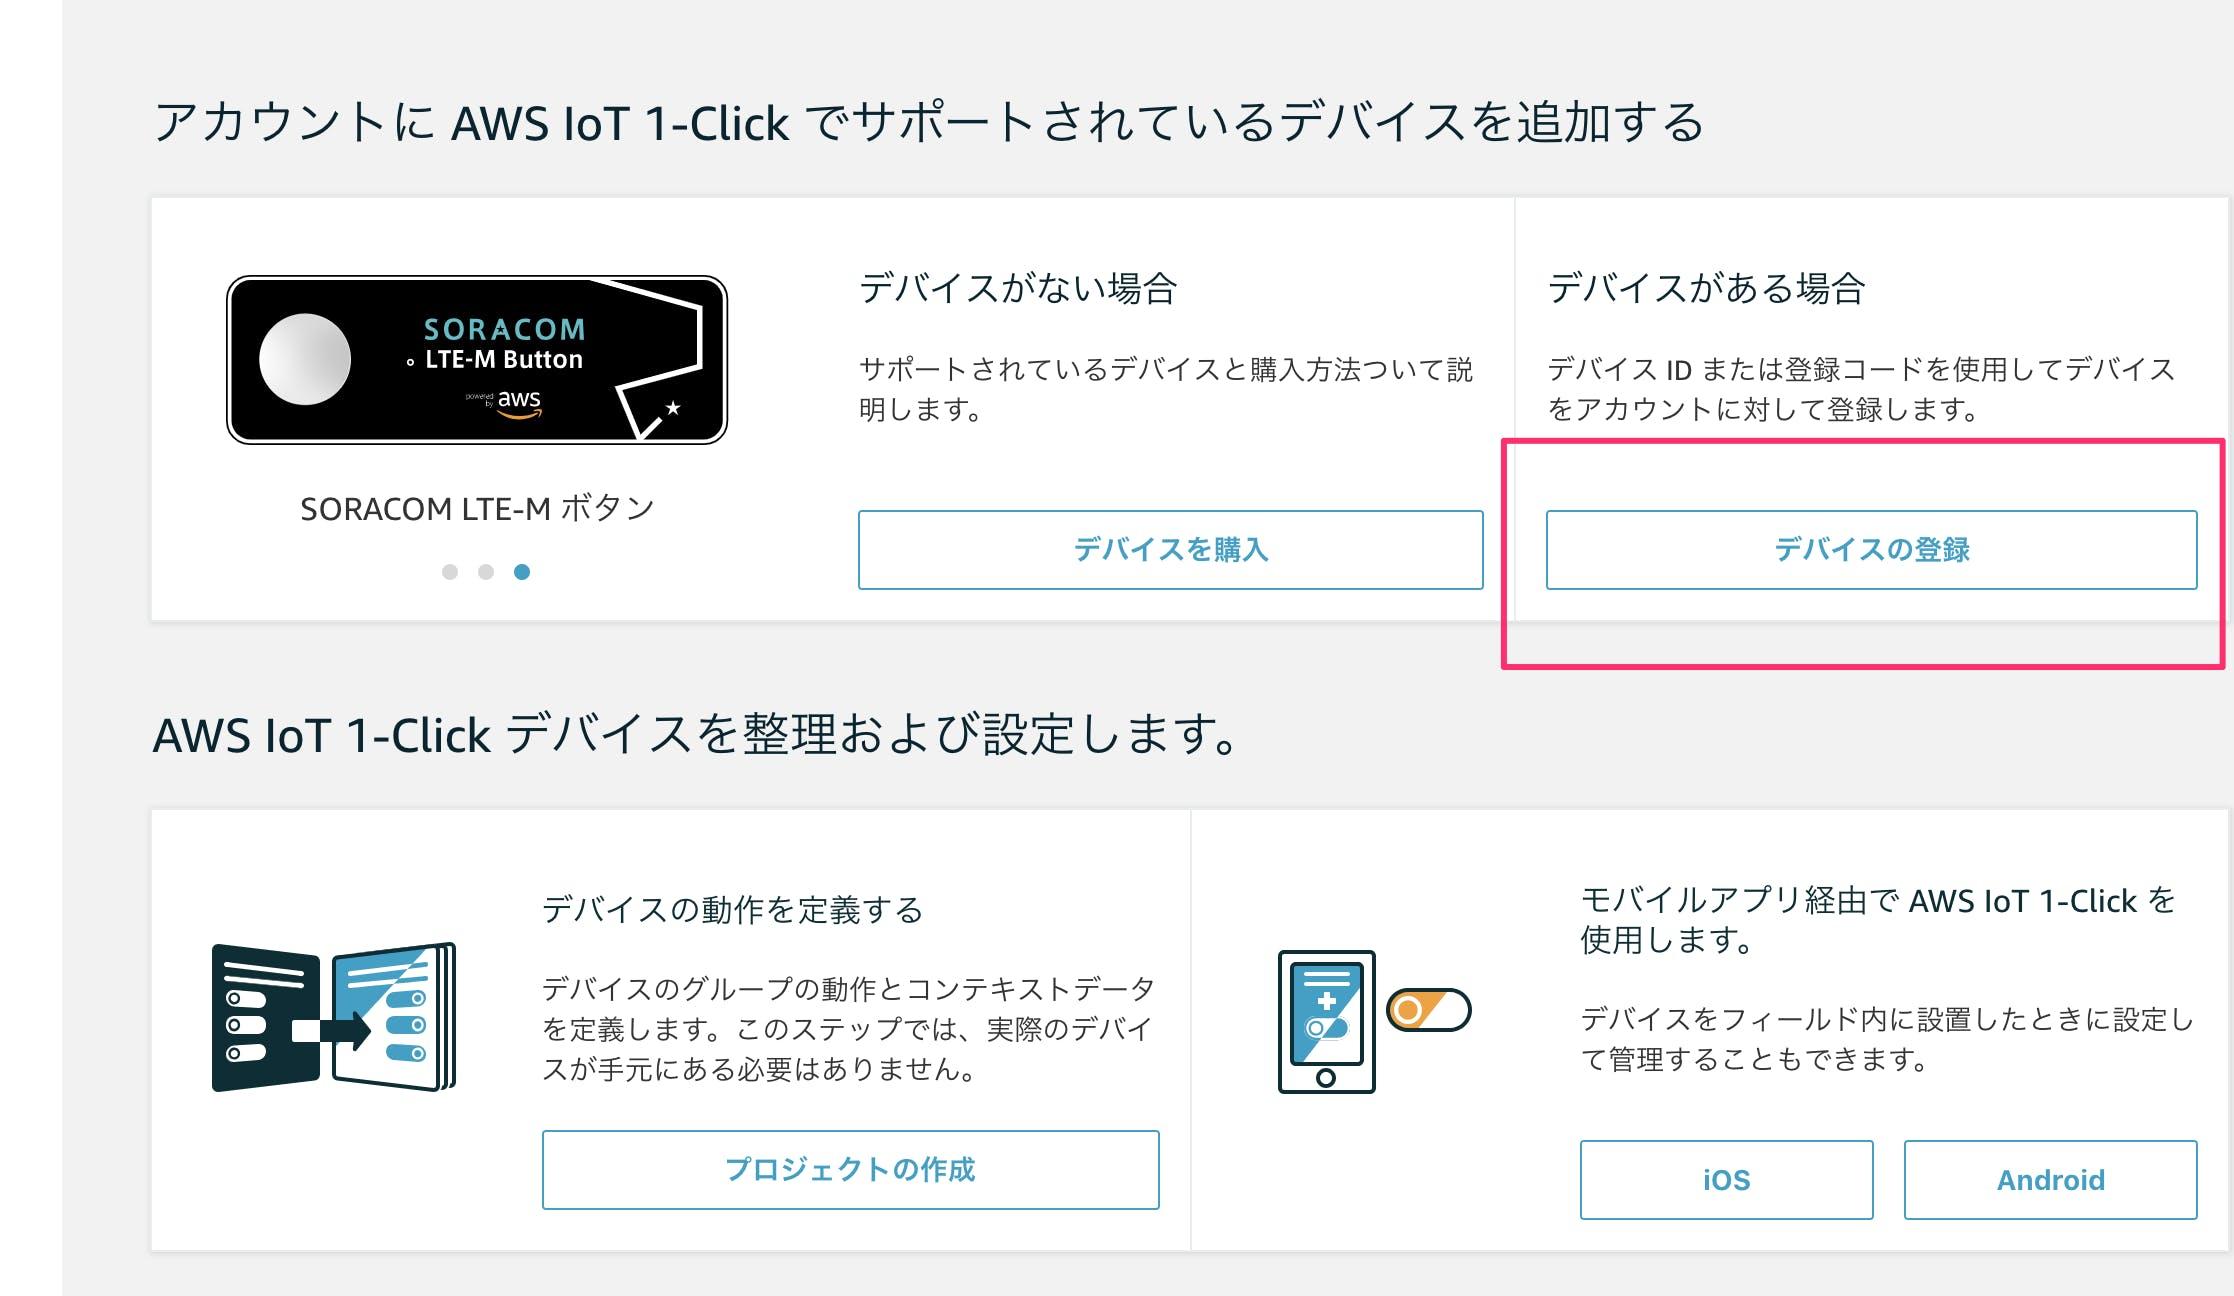 AWS_IoT_1-Click.png